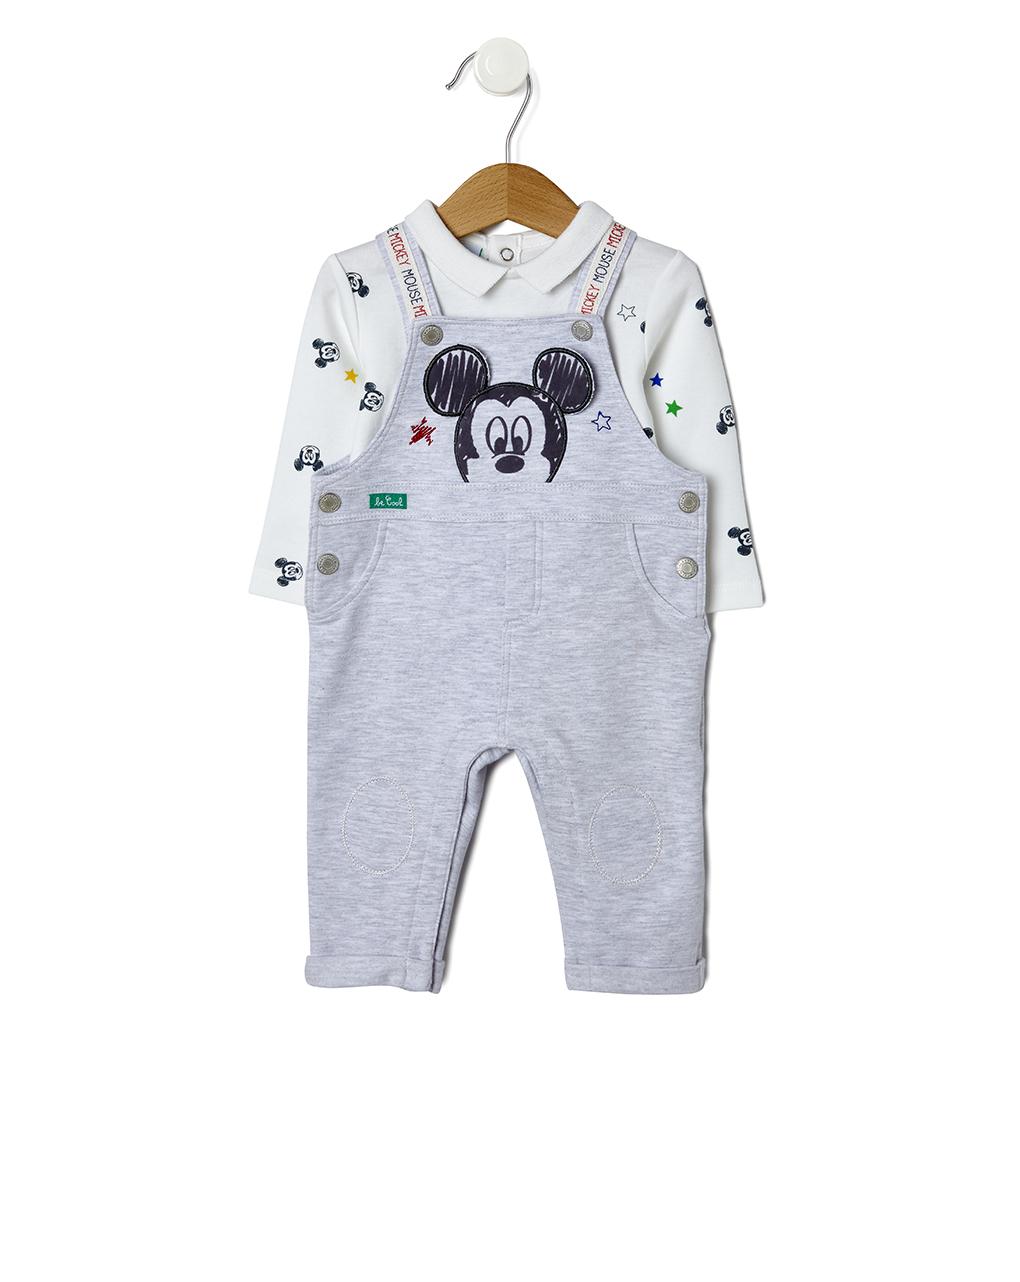 Φορμάκι Fleece με Micky Mouse για Αγόρι